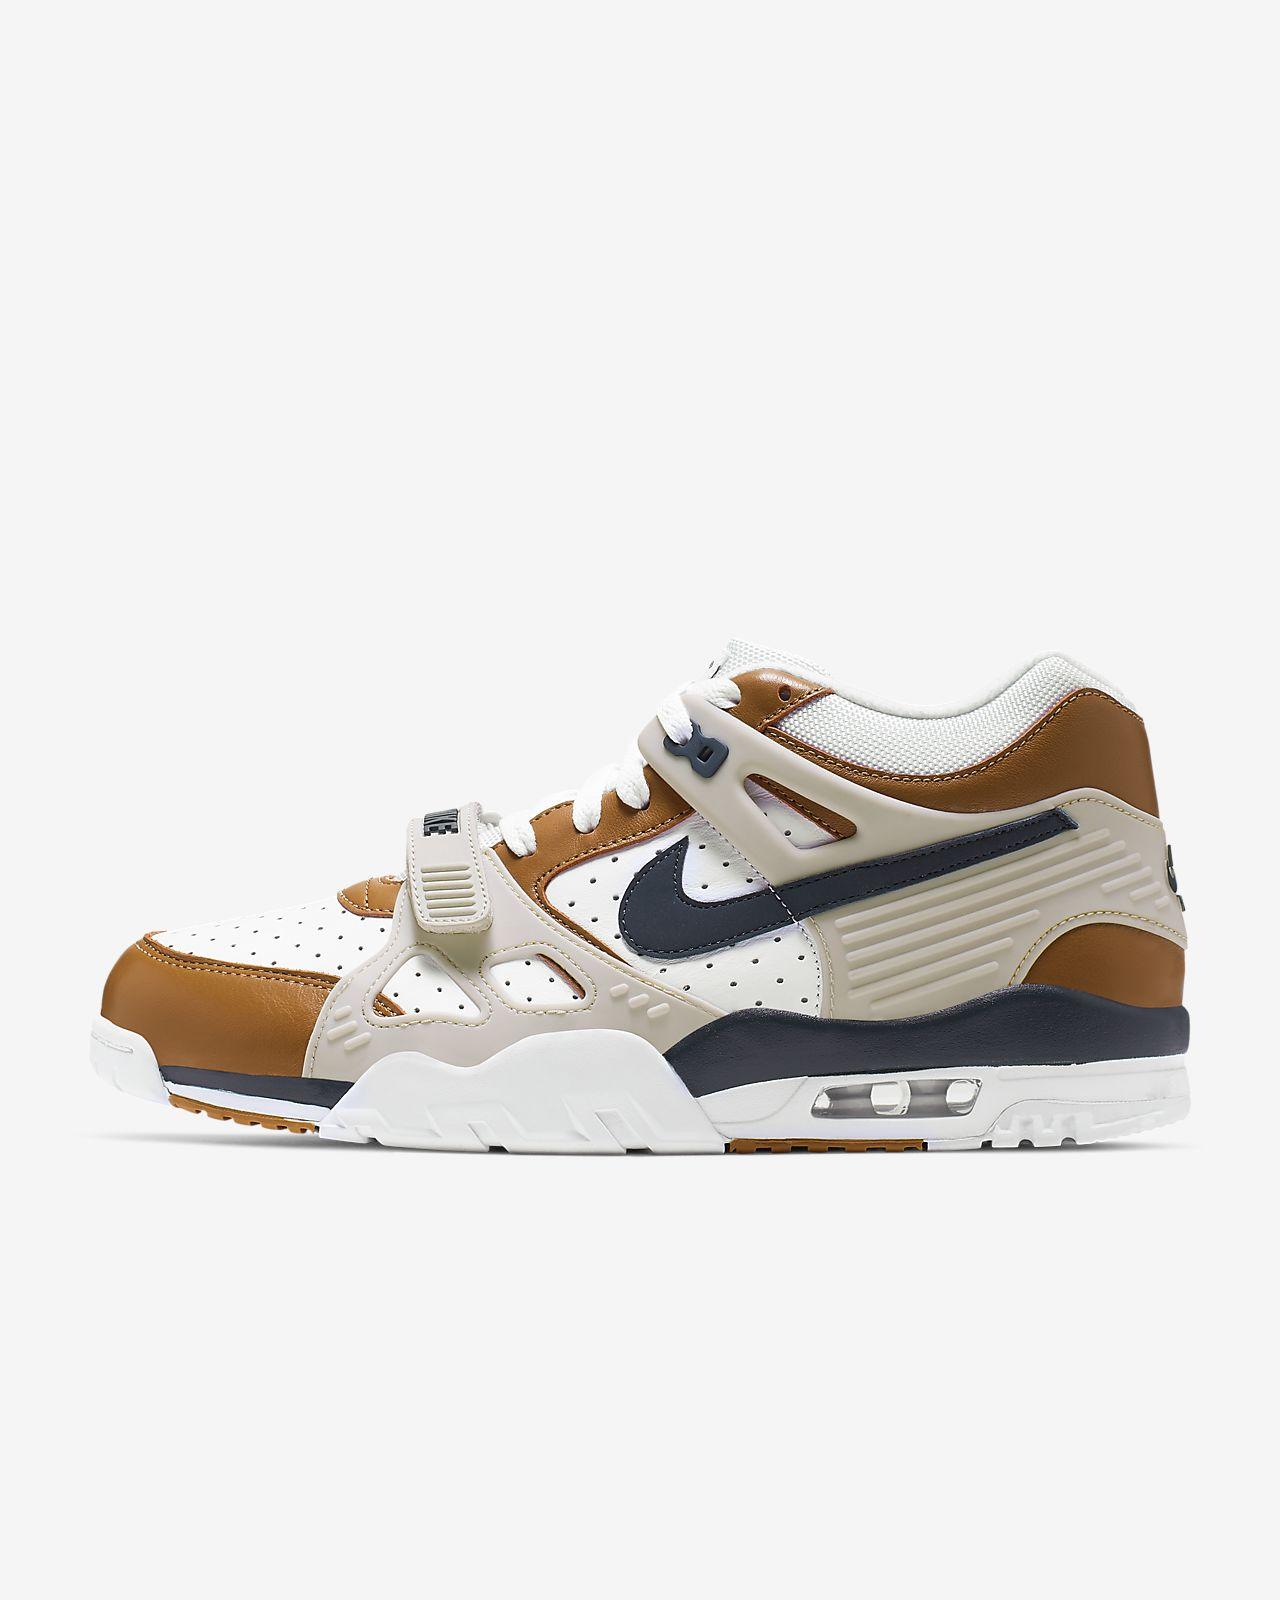 wholesale dealer ebe14 76c88 ... Chaussure Nike Air Trainer 3 QS pour Homme